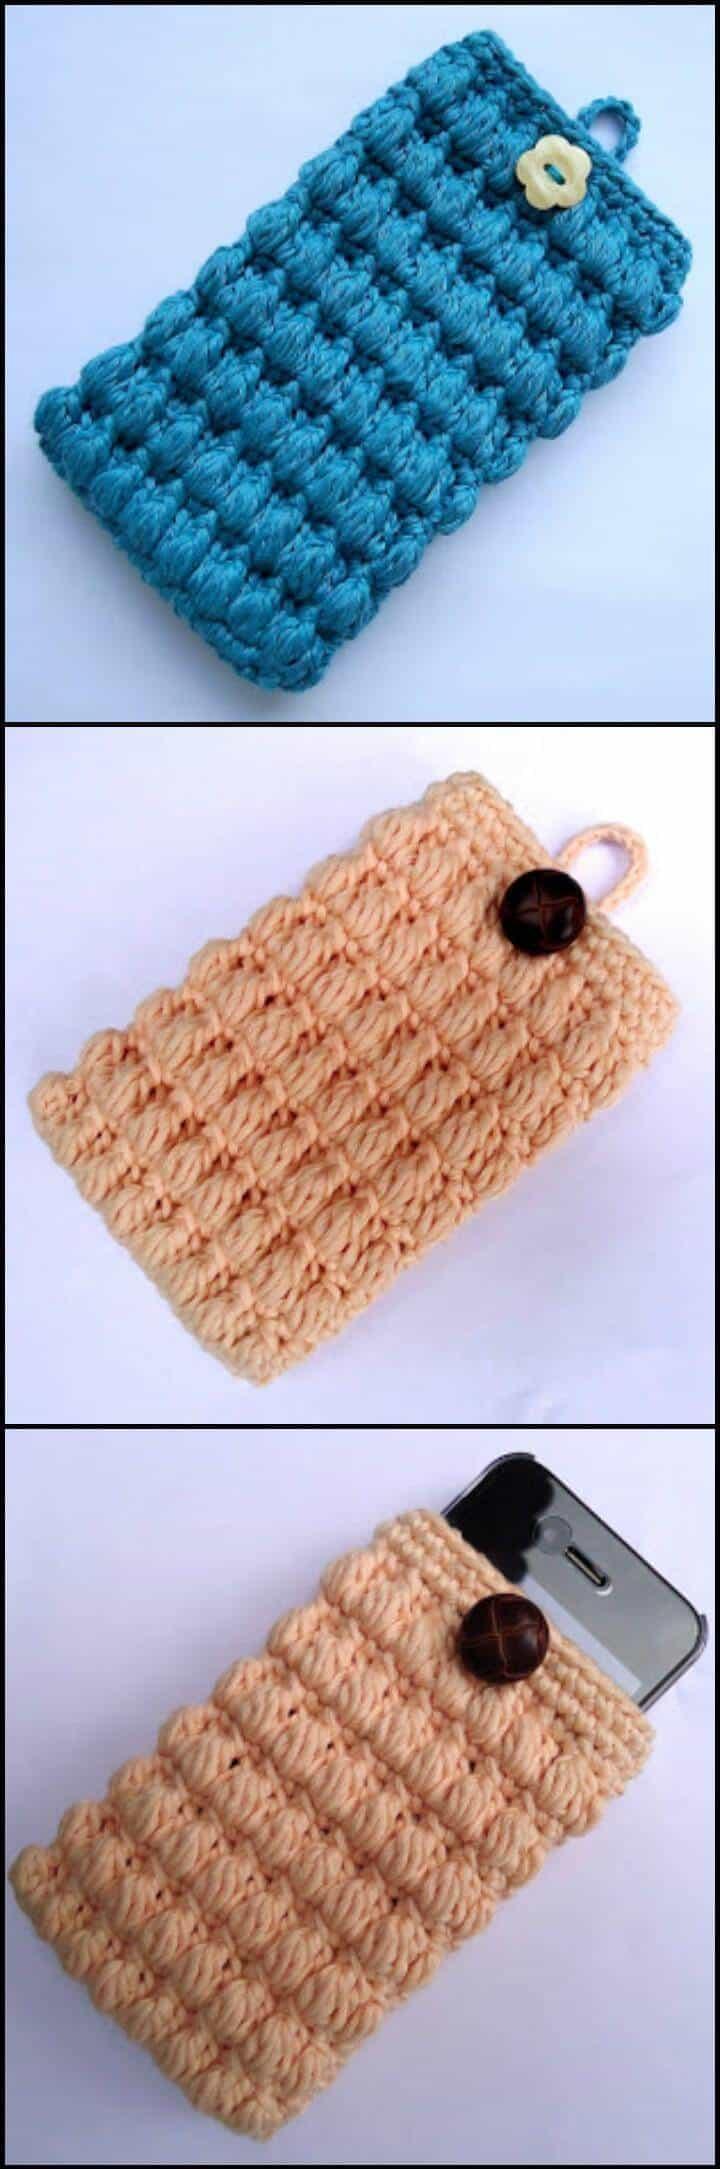 patrón de cubierta de teléfono celular hinchado de ganchillo fácil y gratis